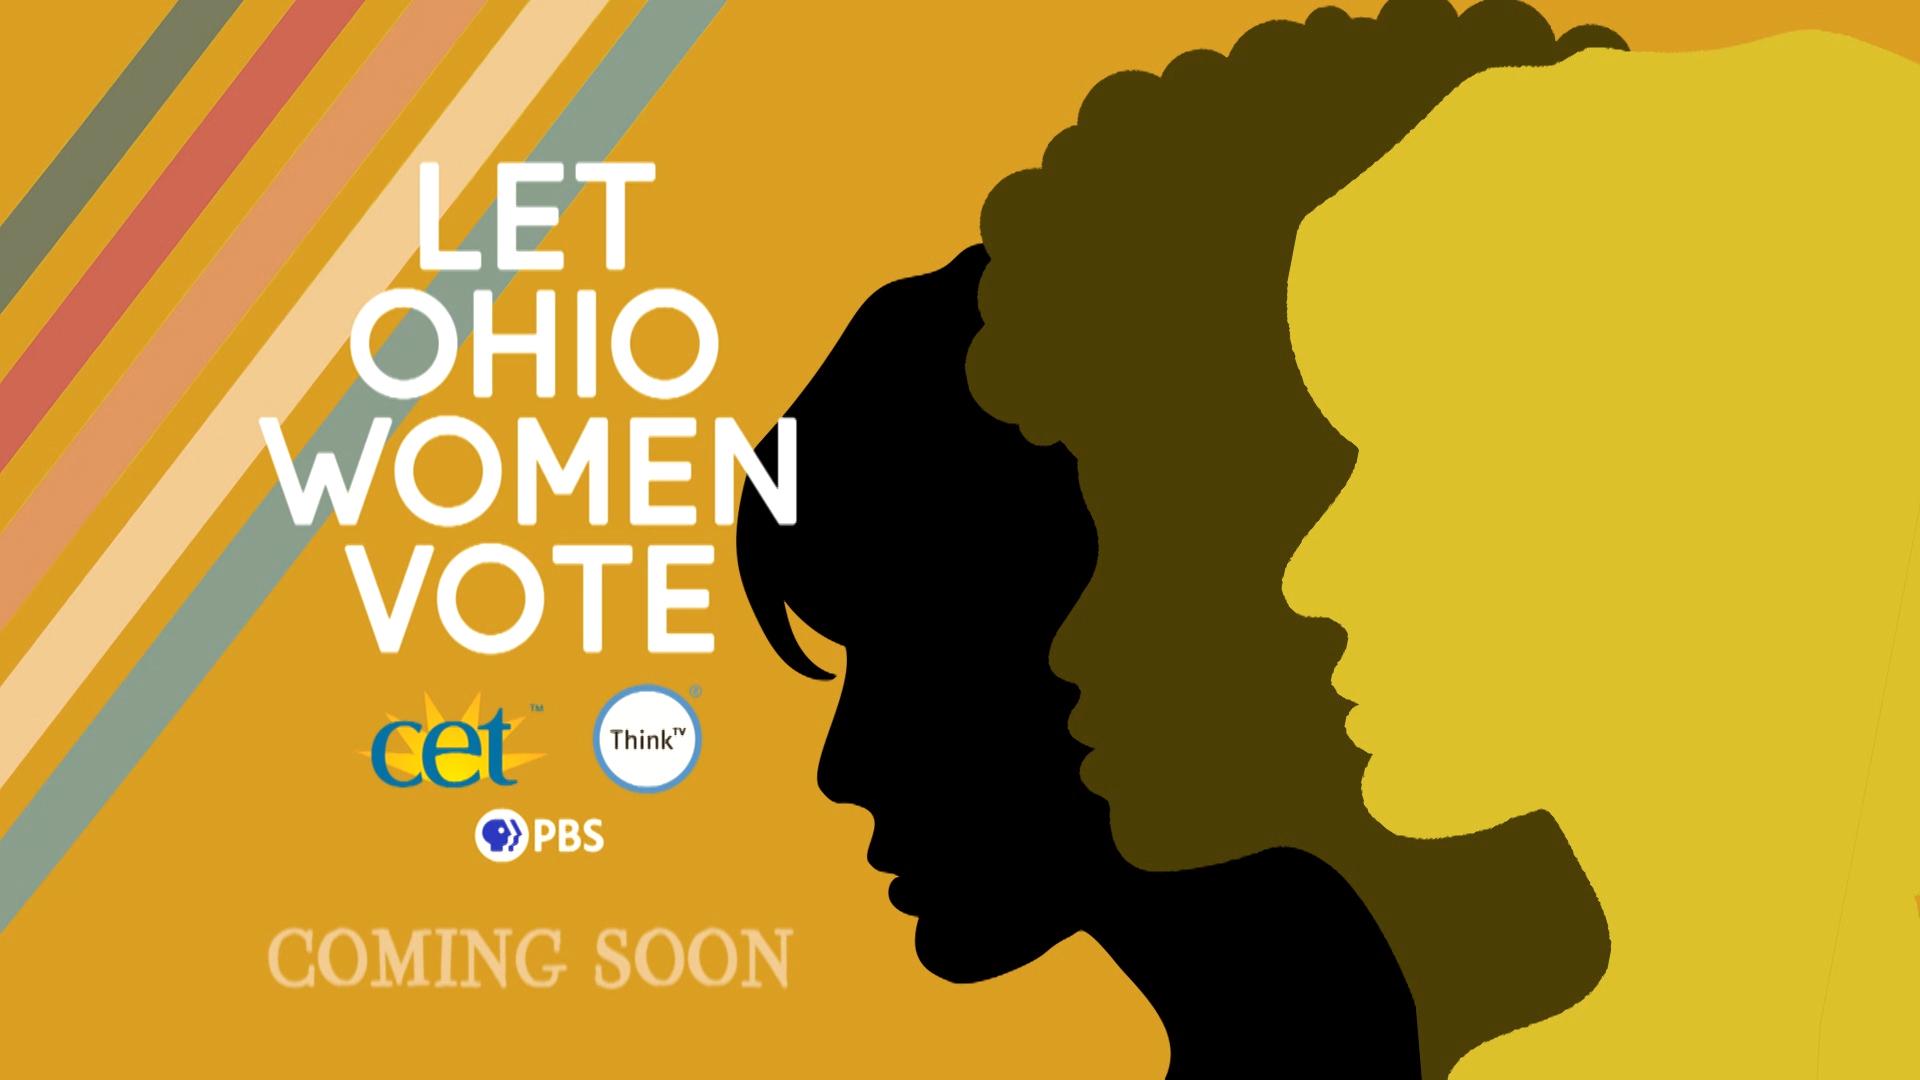 Let Ohio Women Vote